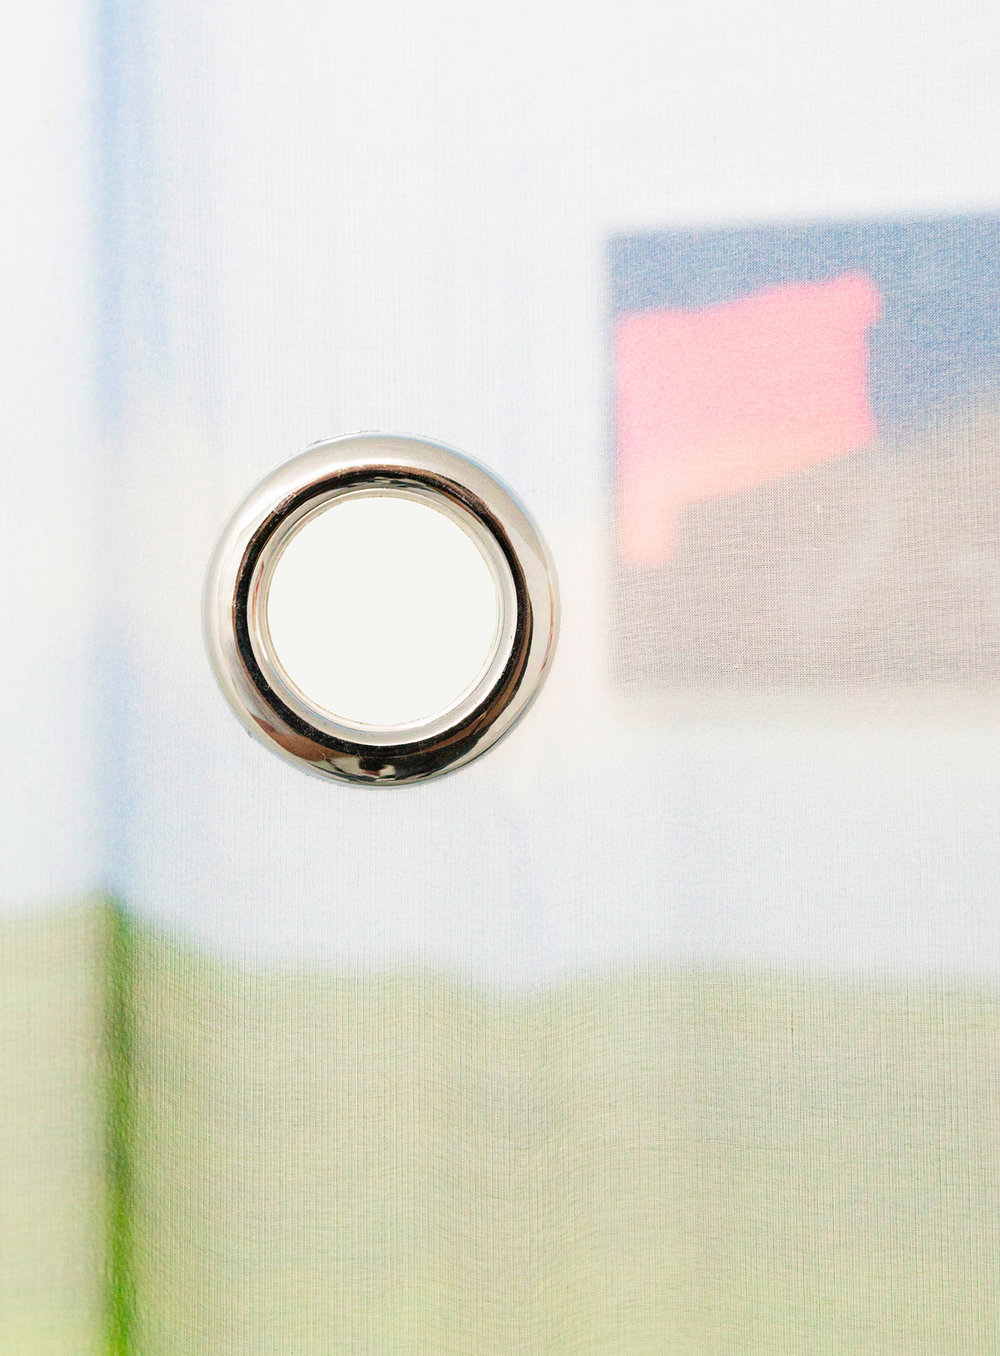 4 Andrea Martinucci - Glory Black Hole, exhibition view, Dimora Artica (ph Andrea Cenetiempo).jpg